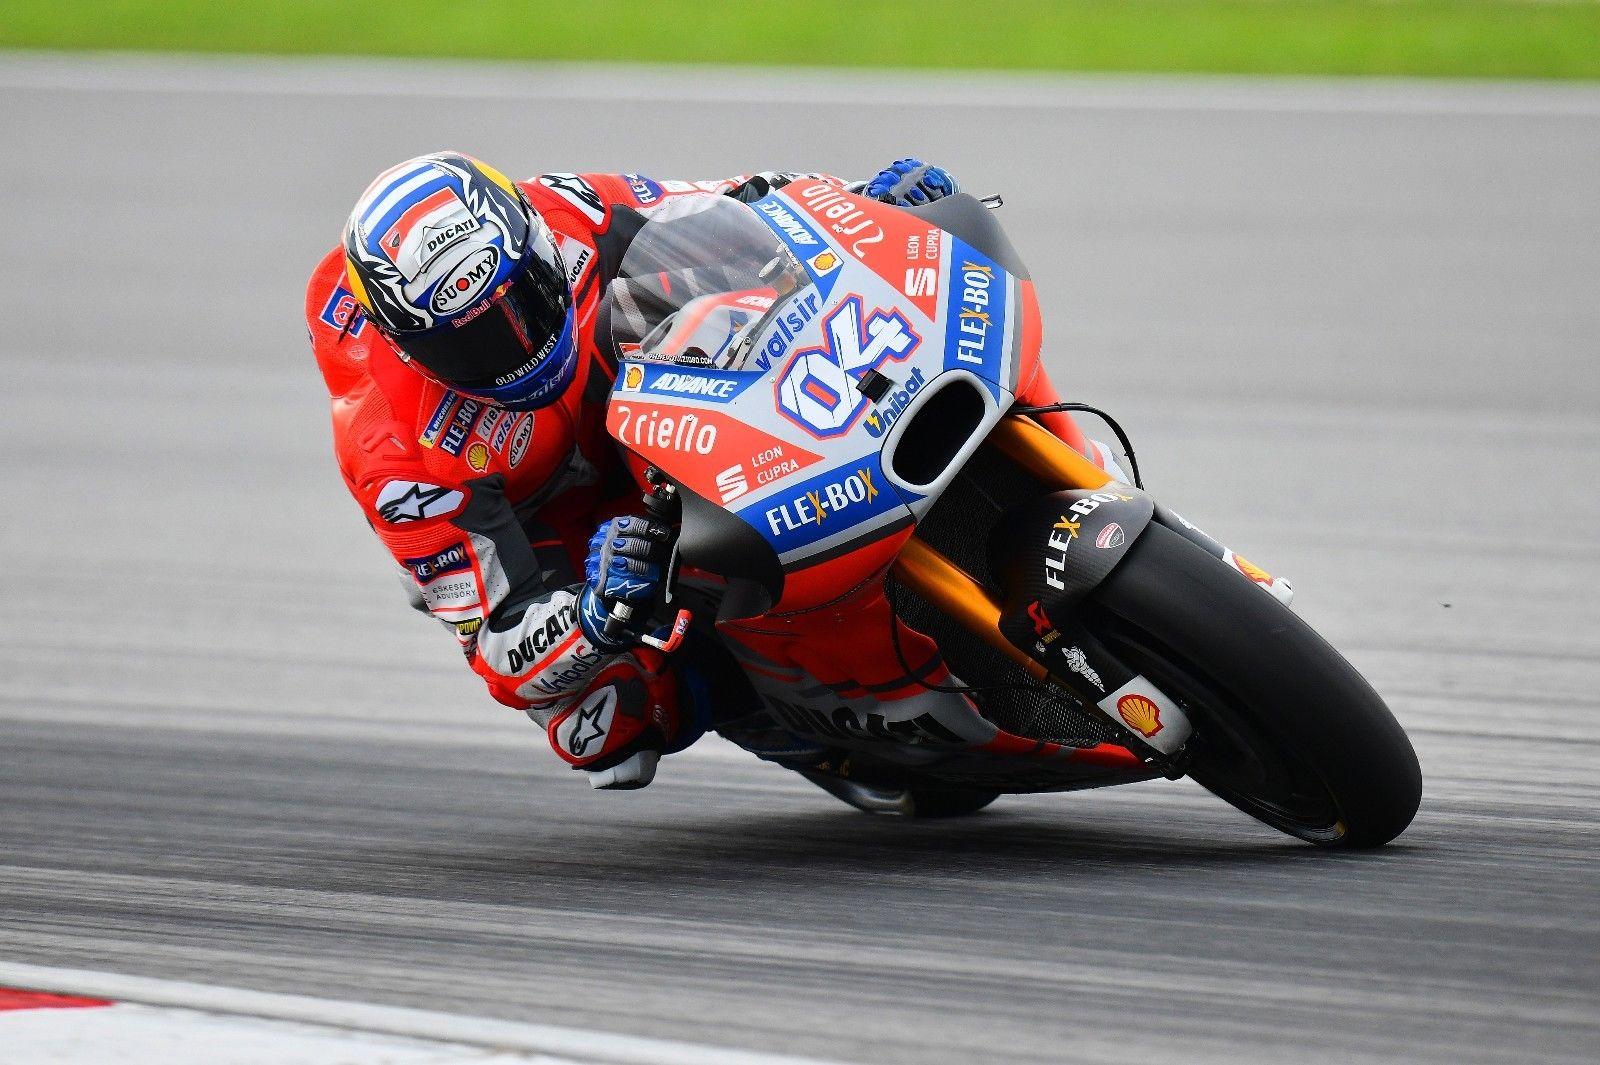 a23b667413 MotoGP Mugello Preview